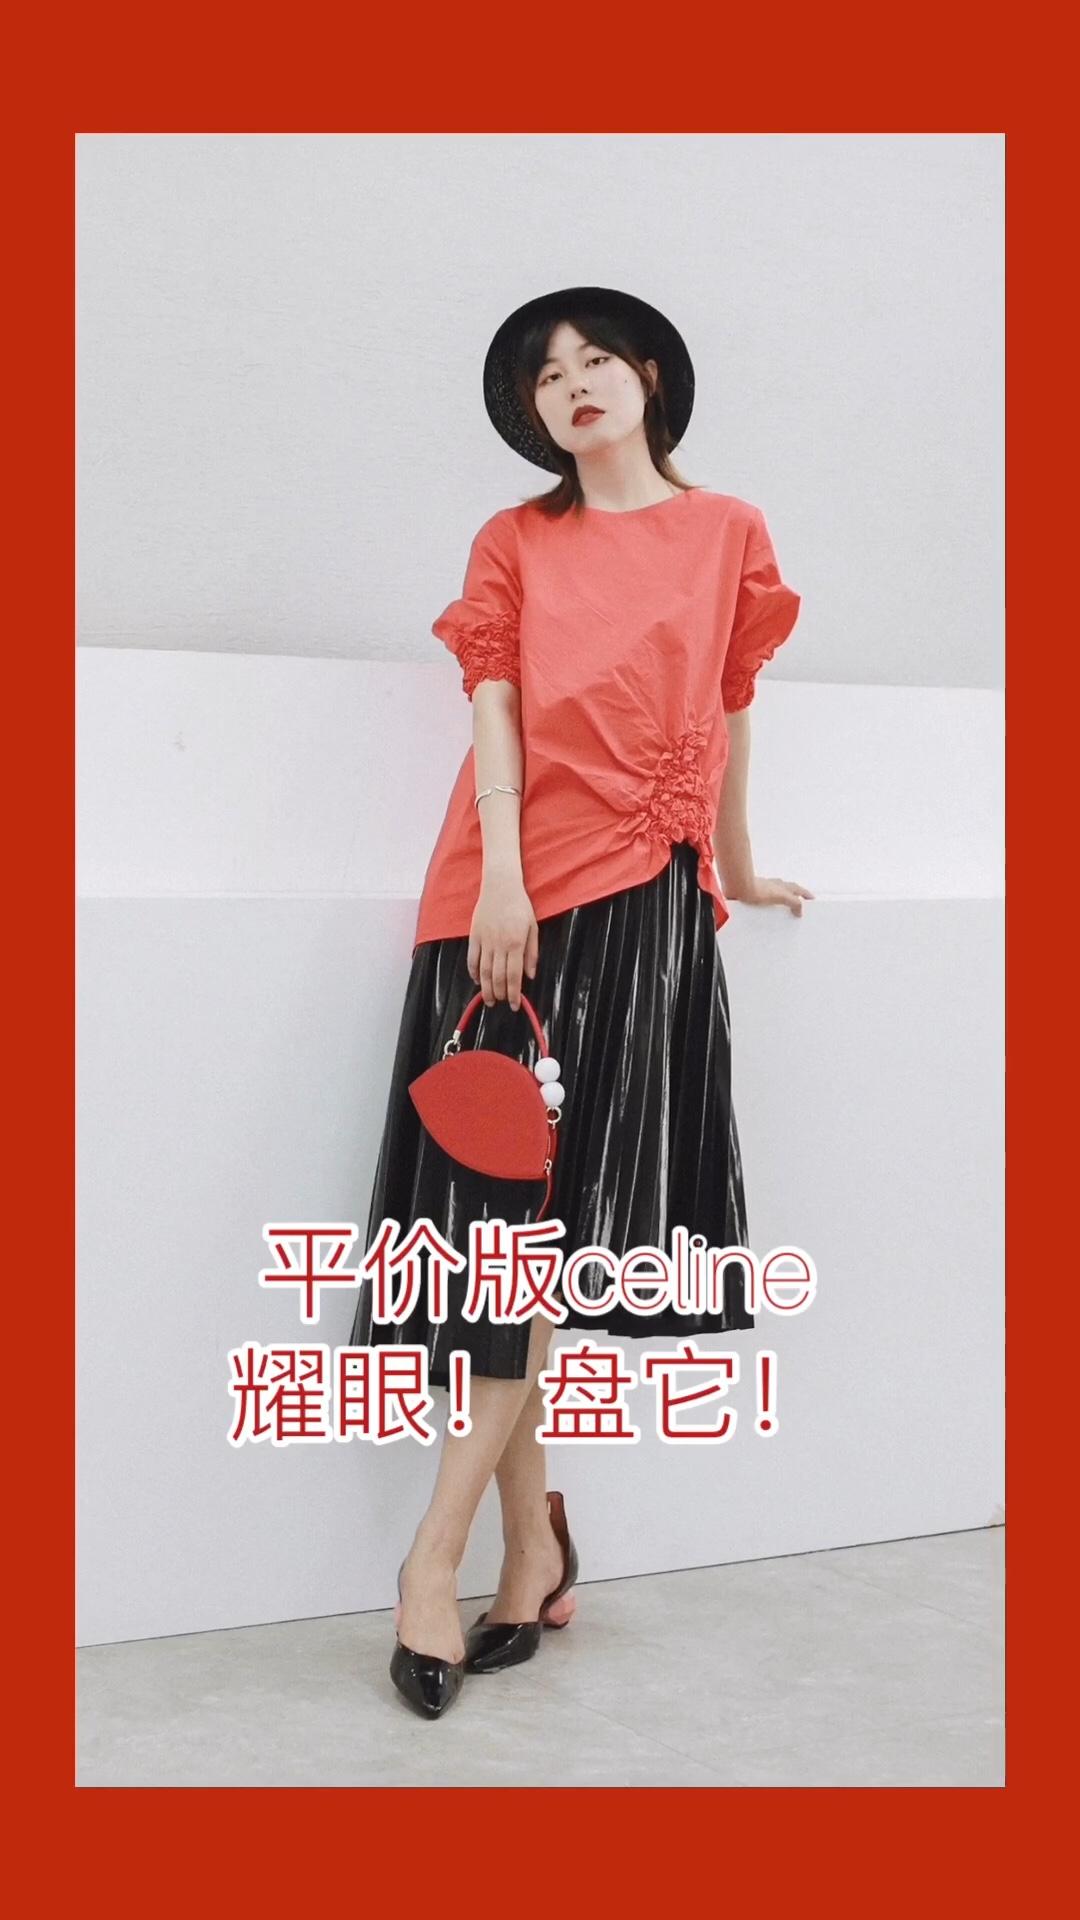 """一身红色很惹眼 繁花般的缩褶设计很有味道 松紧袖口略显个性 下摆的不平衡感打破常规 搭配黑色百褶不规则半裙 黑红的时尚cp感马上就有 作为点缀的红色小包包也很淑女  —— 上衣:cos 包包:kitayama  #想高级滴去度假?全靠""""平价Celine""""#"""